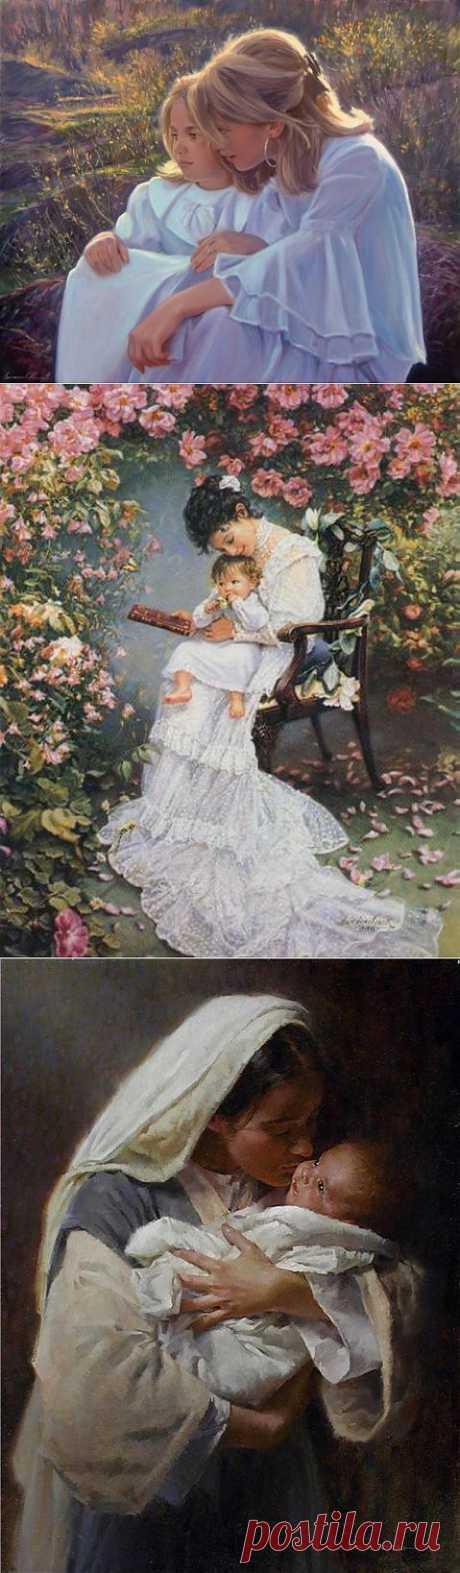 Материнская любовь,нет на свете сильнее силы..